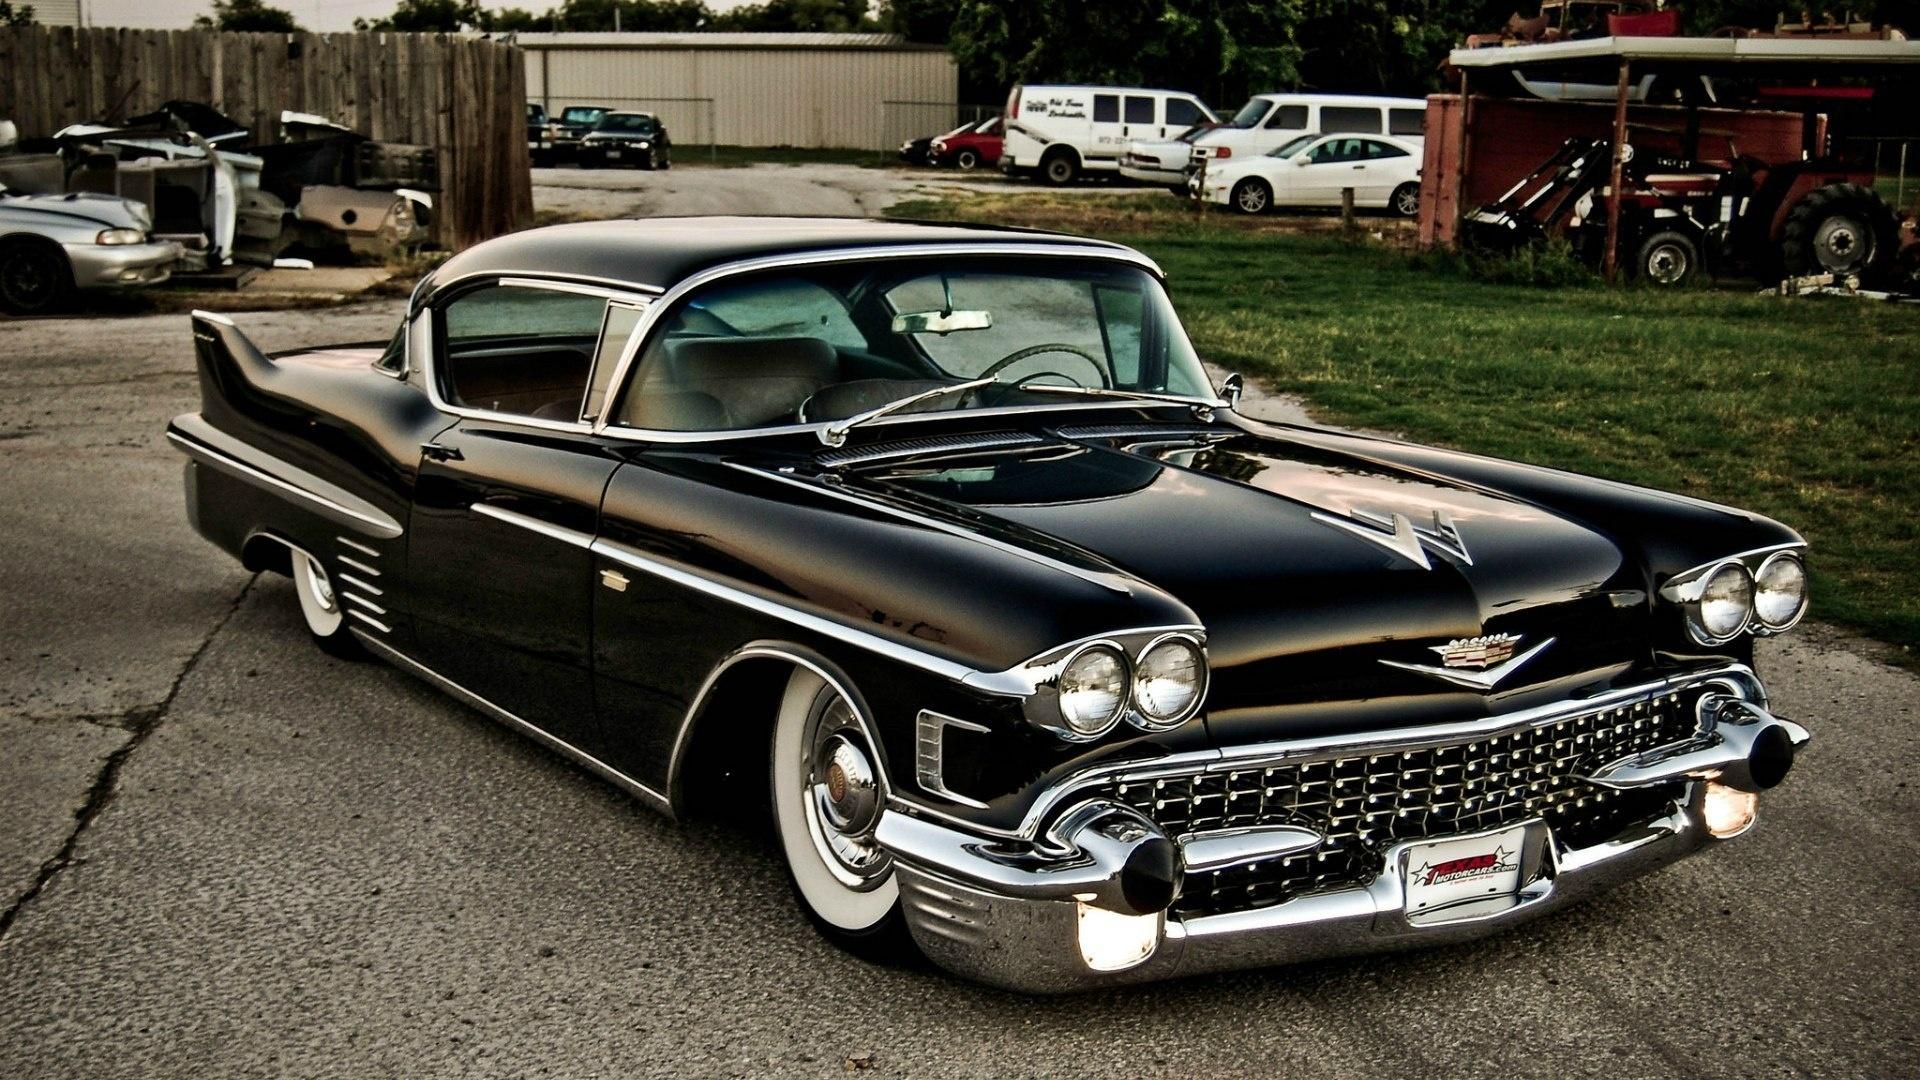 Cadillac Coupe De Ville Vehicles Cars Auto Retro Classic Low Stance Chrome  Black Roads Wallpaper | 1920x1080 | 27763 | WallpaperUP